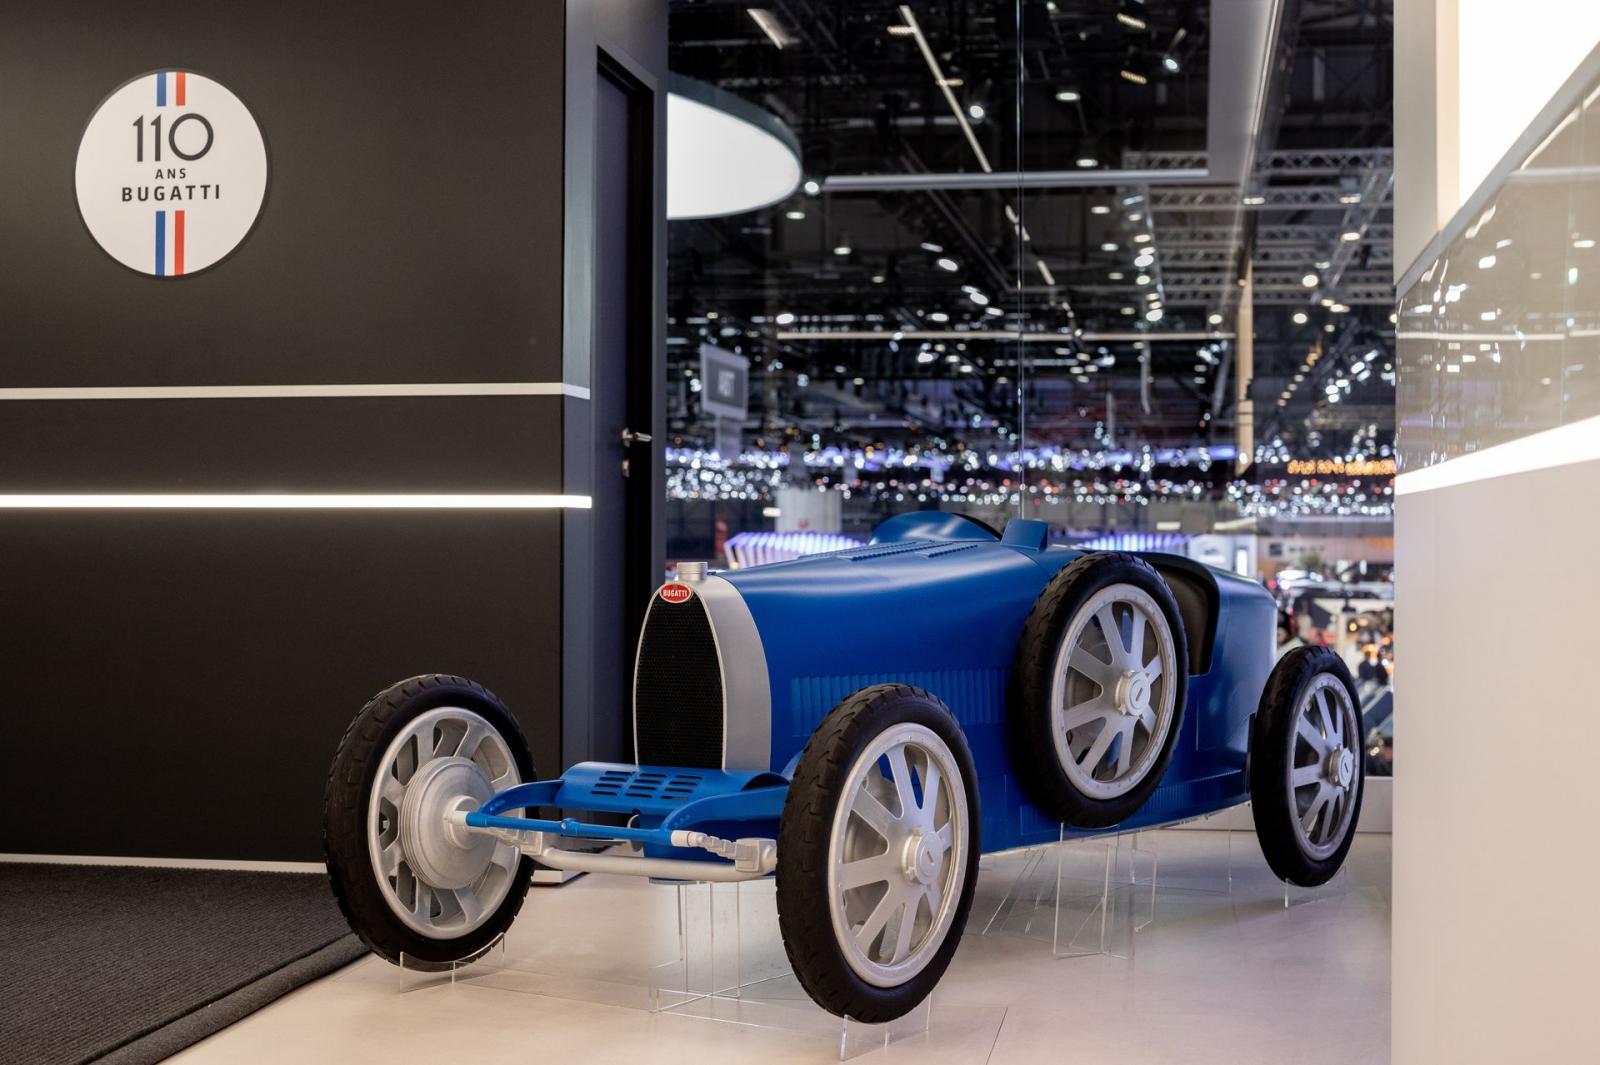 El Bugatti Type 35 Baby II se une a los festejos por los 110 años de historia